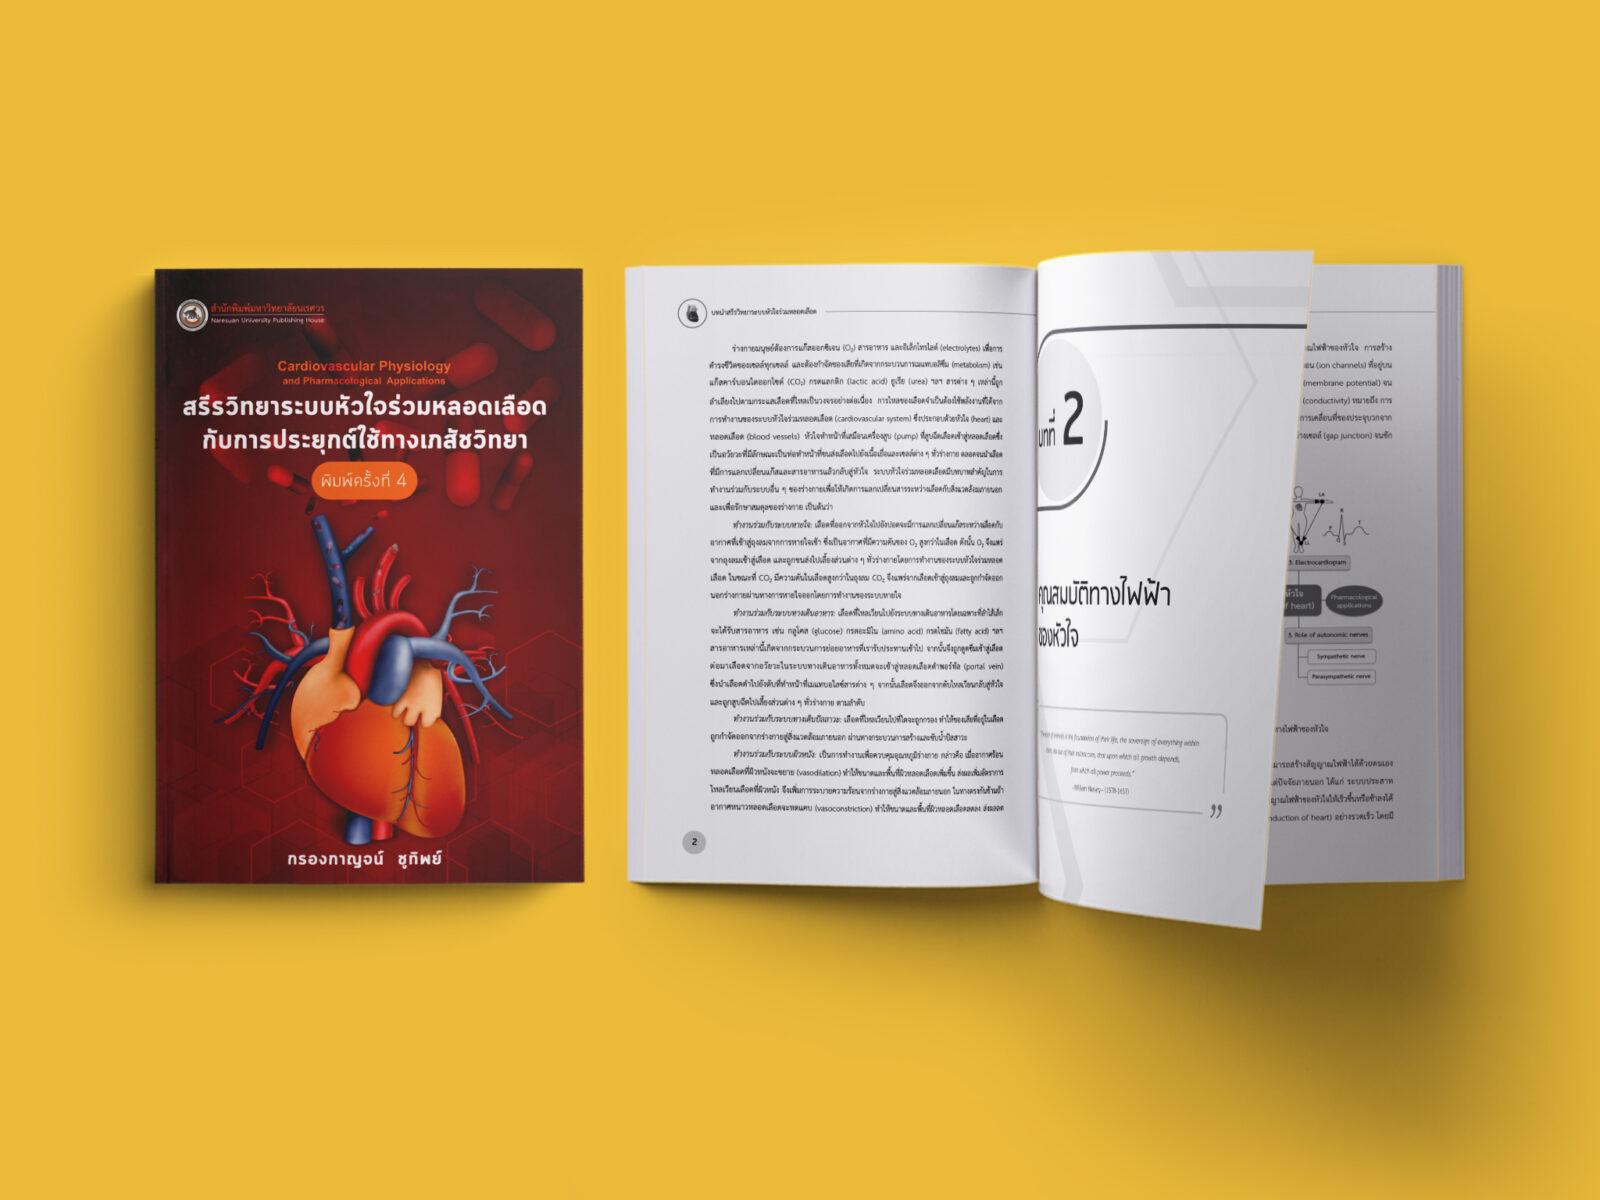 สรีรวิทยาระบบหัวใจ